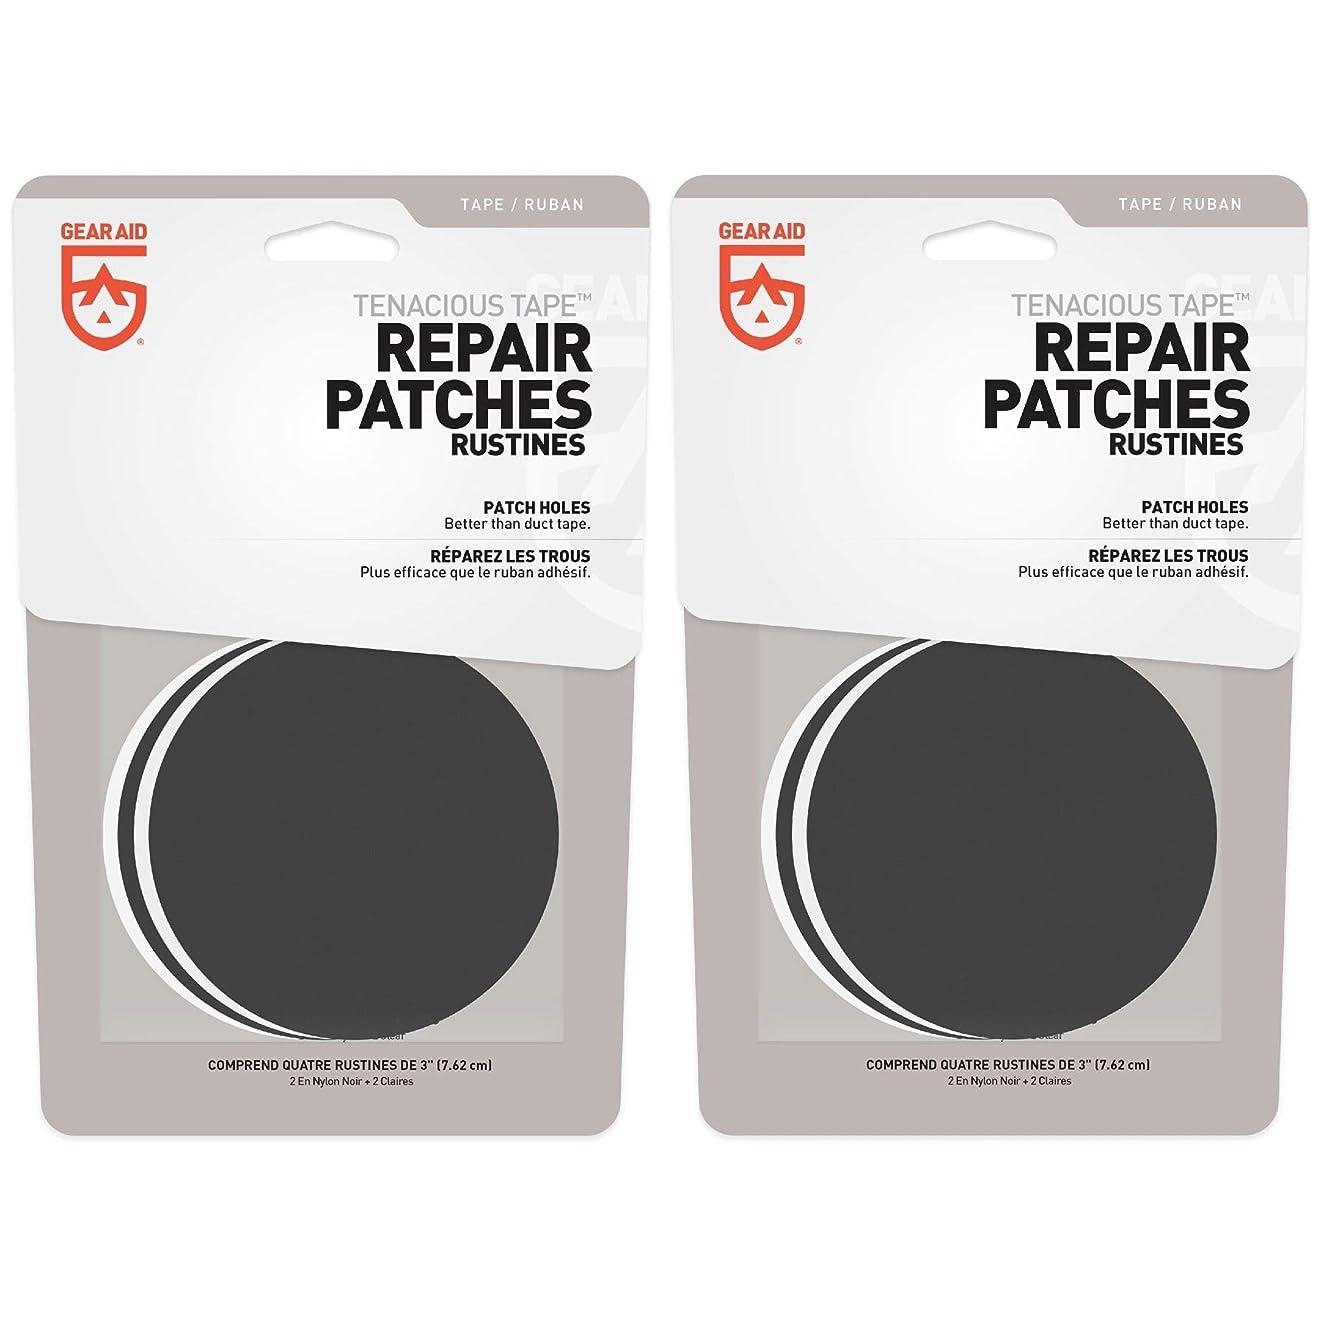 Gear Aid Tenacious Tape Repair Patches Clear & Black 3